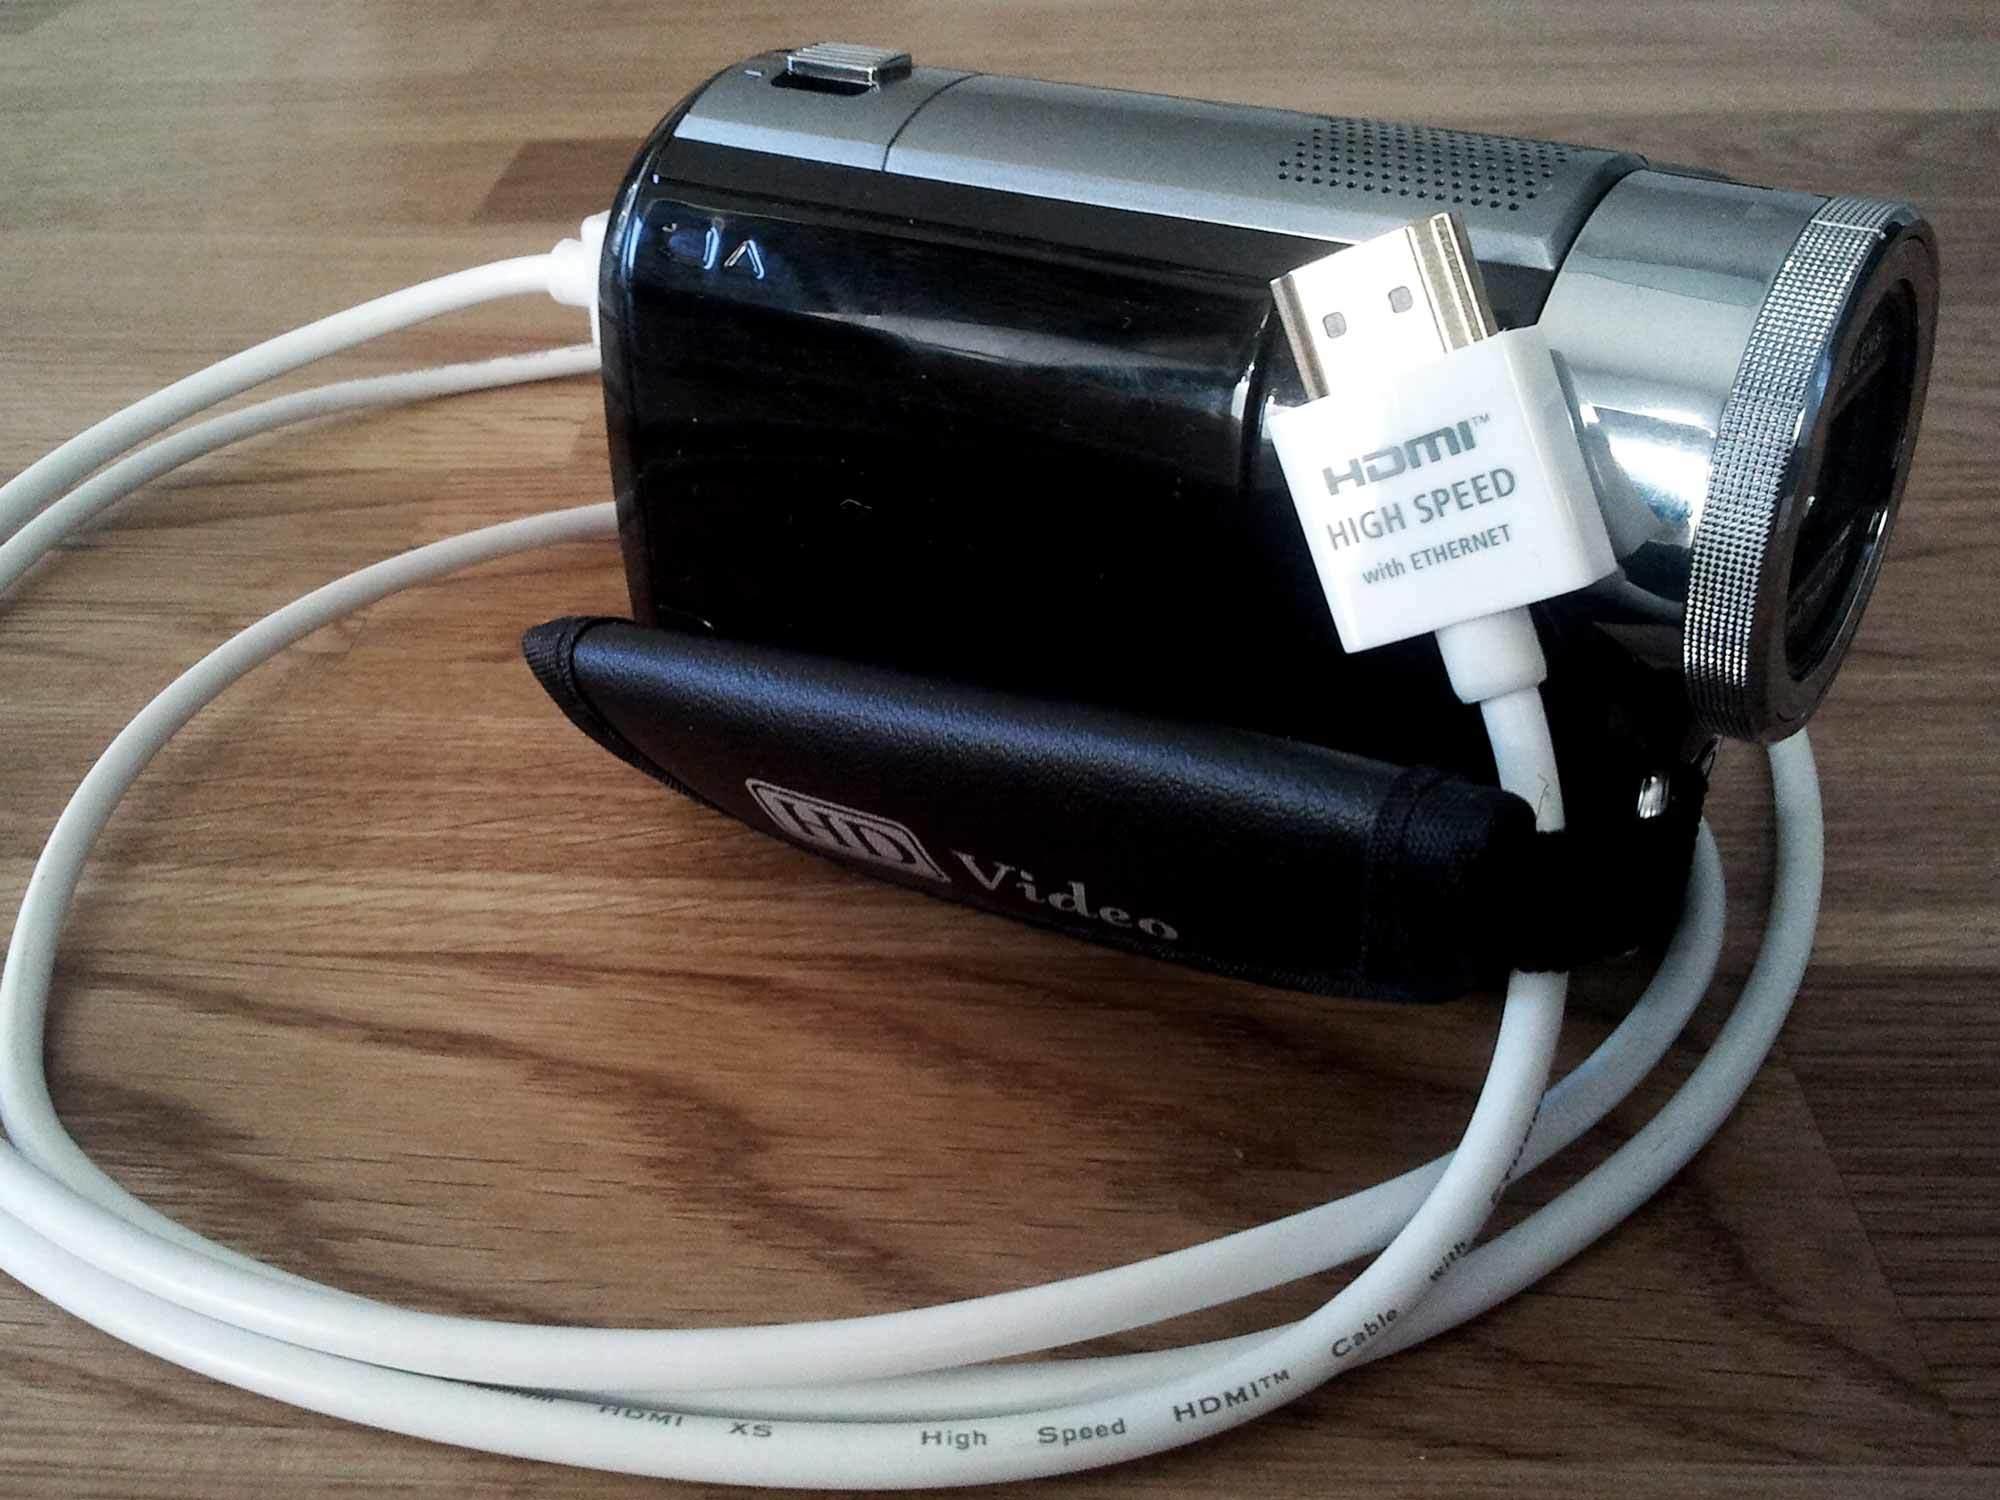 Inakustik Premium HDMI XS micro